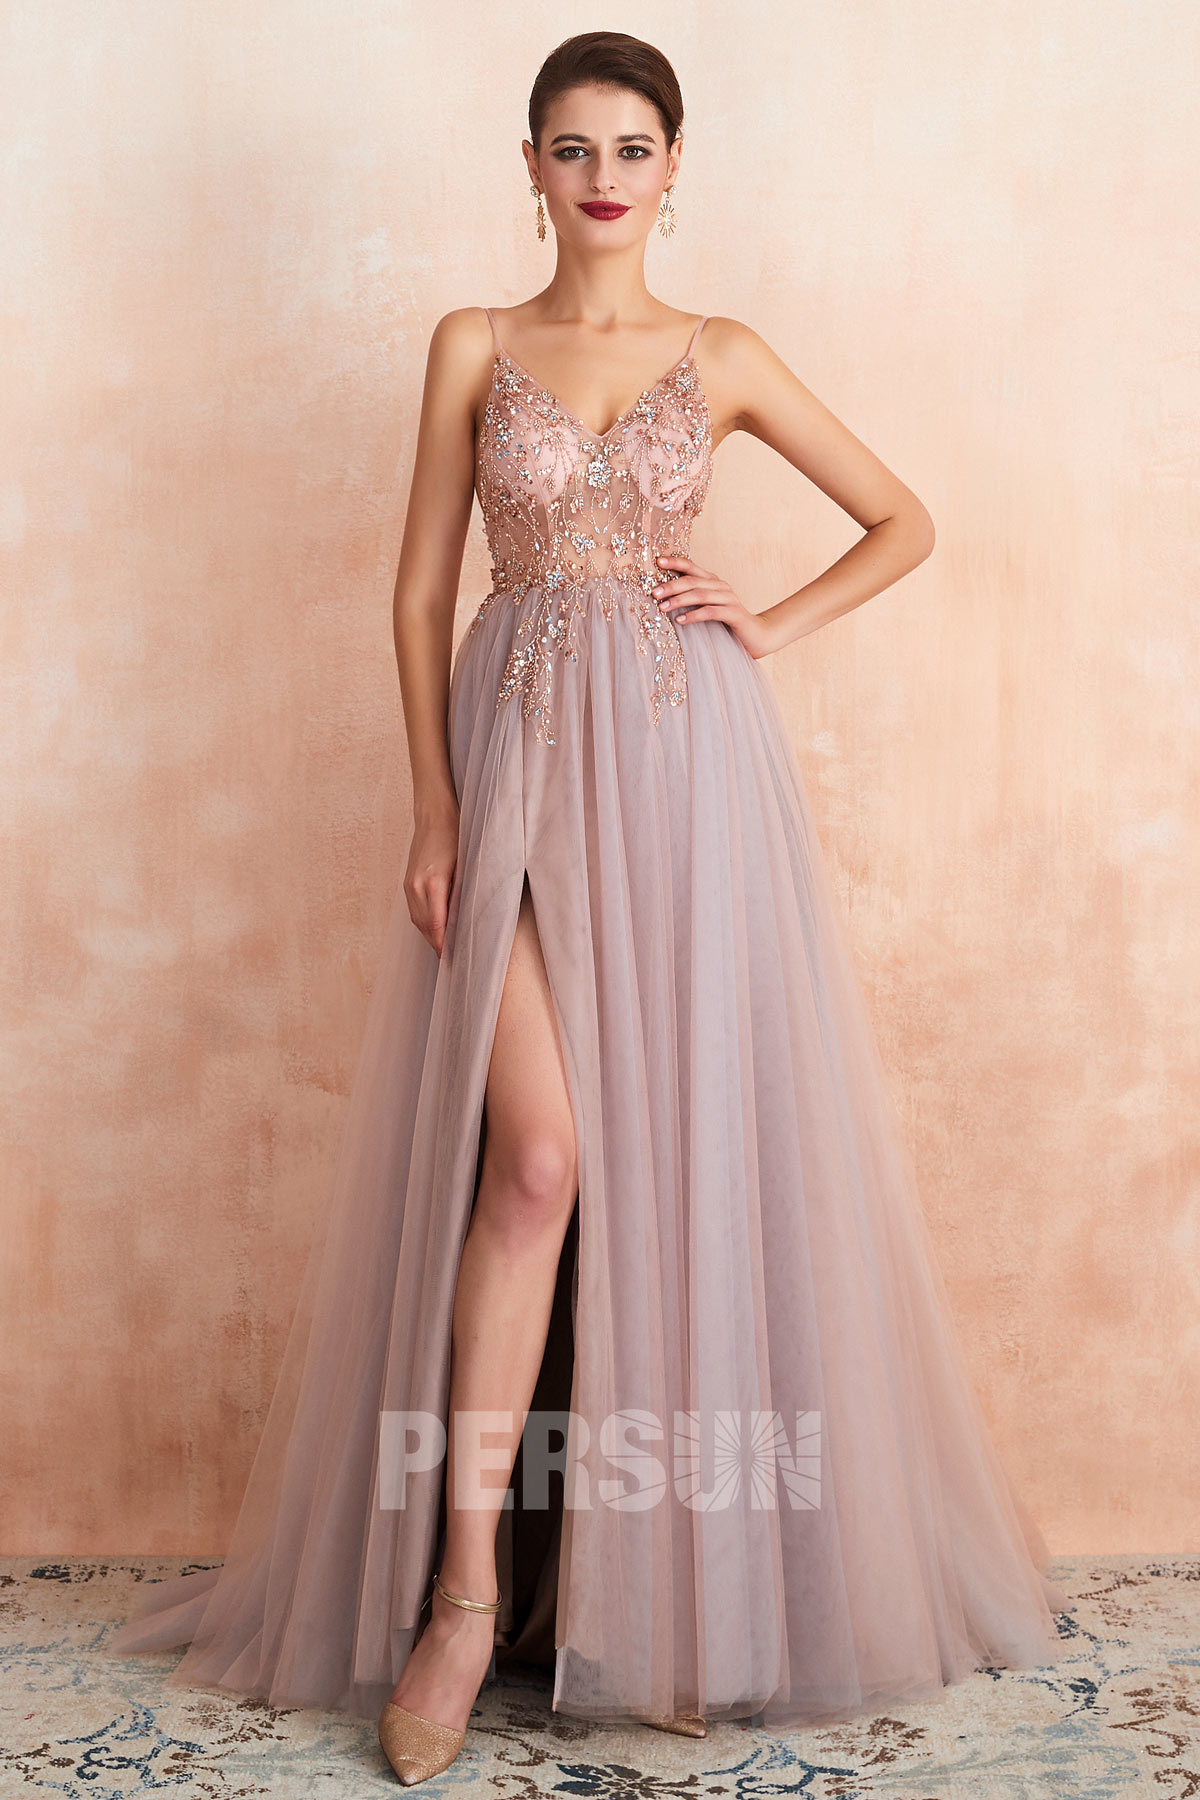 robe de soirée sexy longue fendue rose parme haut transparent ornée de bijoux exquis à bretelle fine